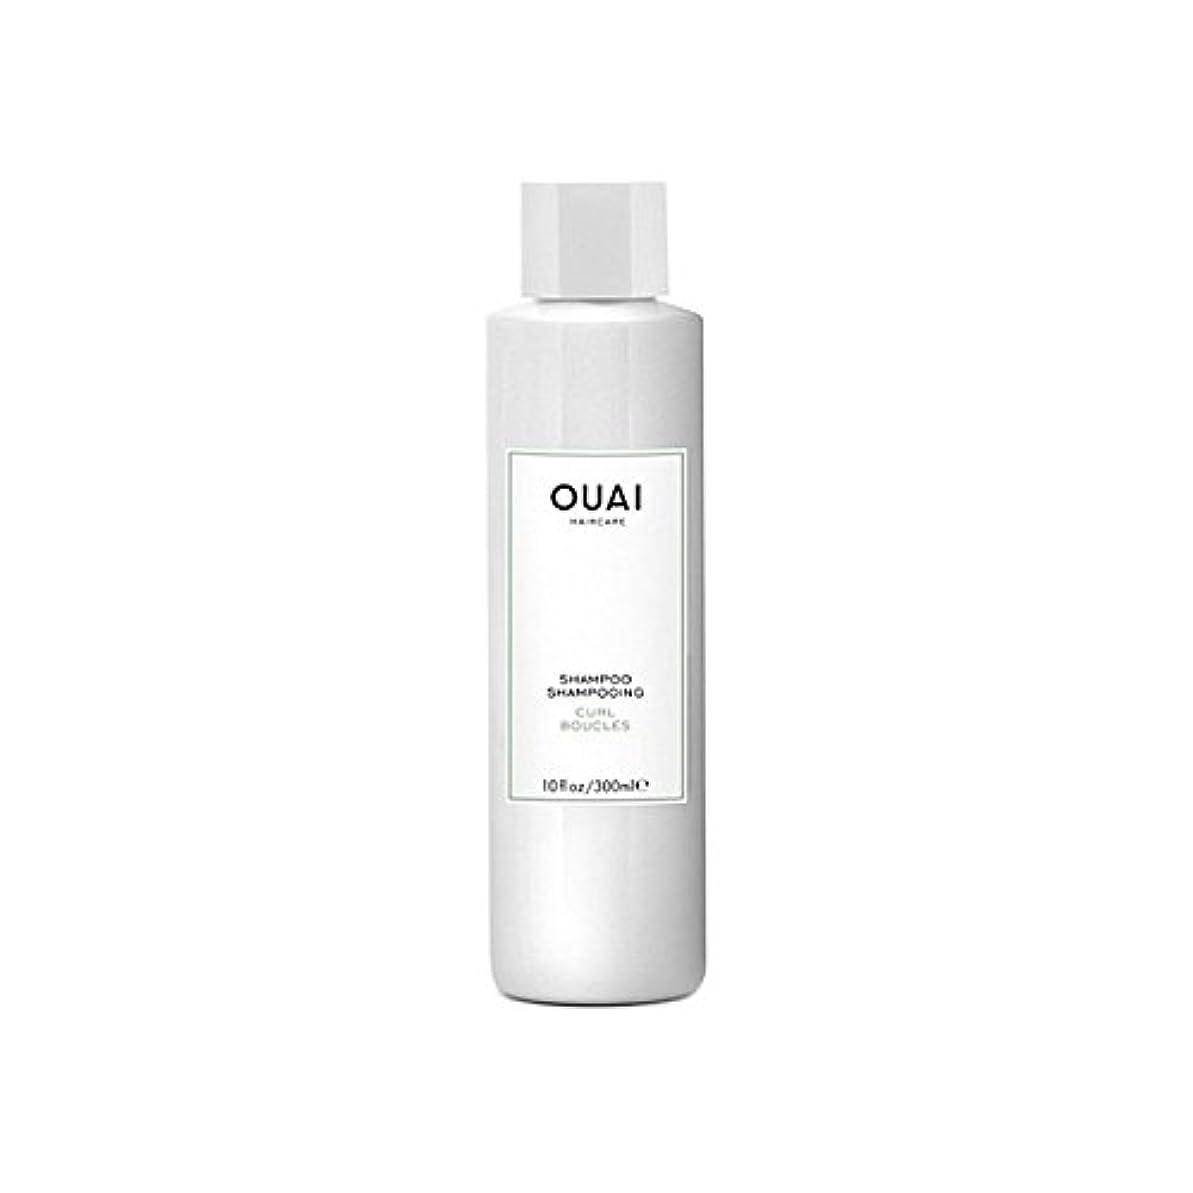 サミュエルアーサー誰カールシャンプー300ミリリットル x4 - Ouai Curl Shampoo 300ml (Pack of 4) [並行輸入品]